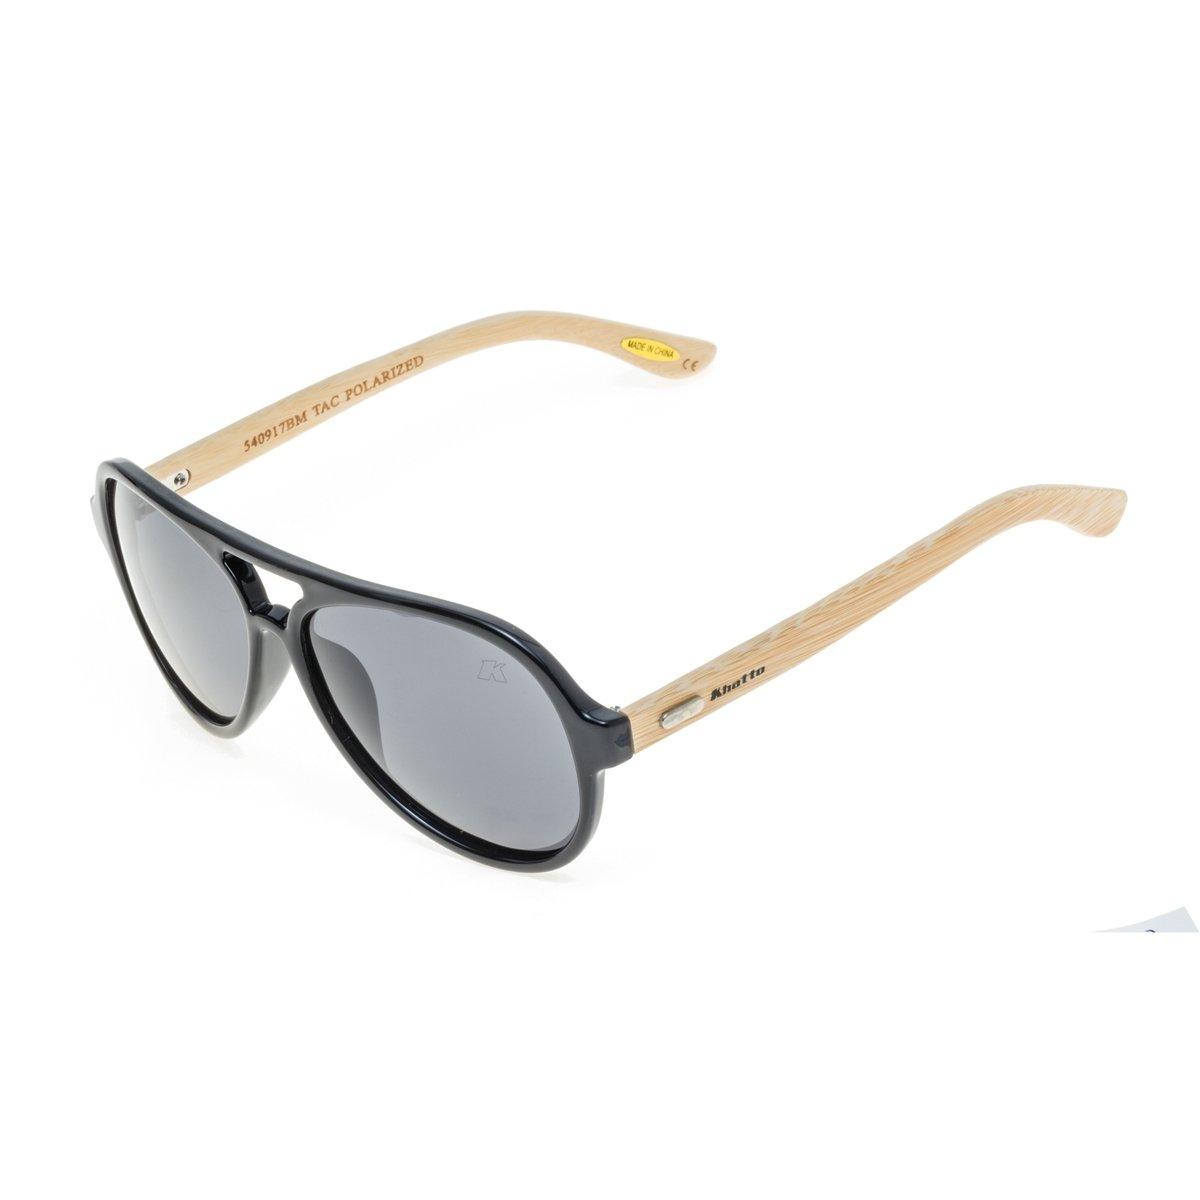 492dc735b Óculos De Sol Khatto KT540917 - Compre Agora | Zattini